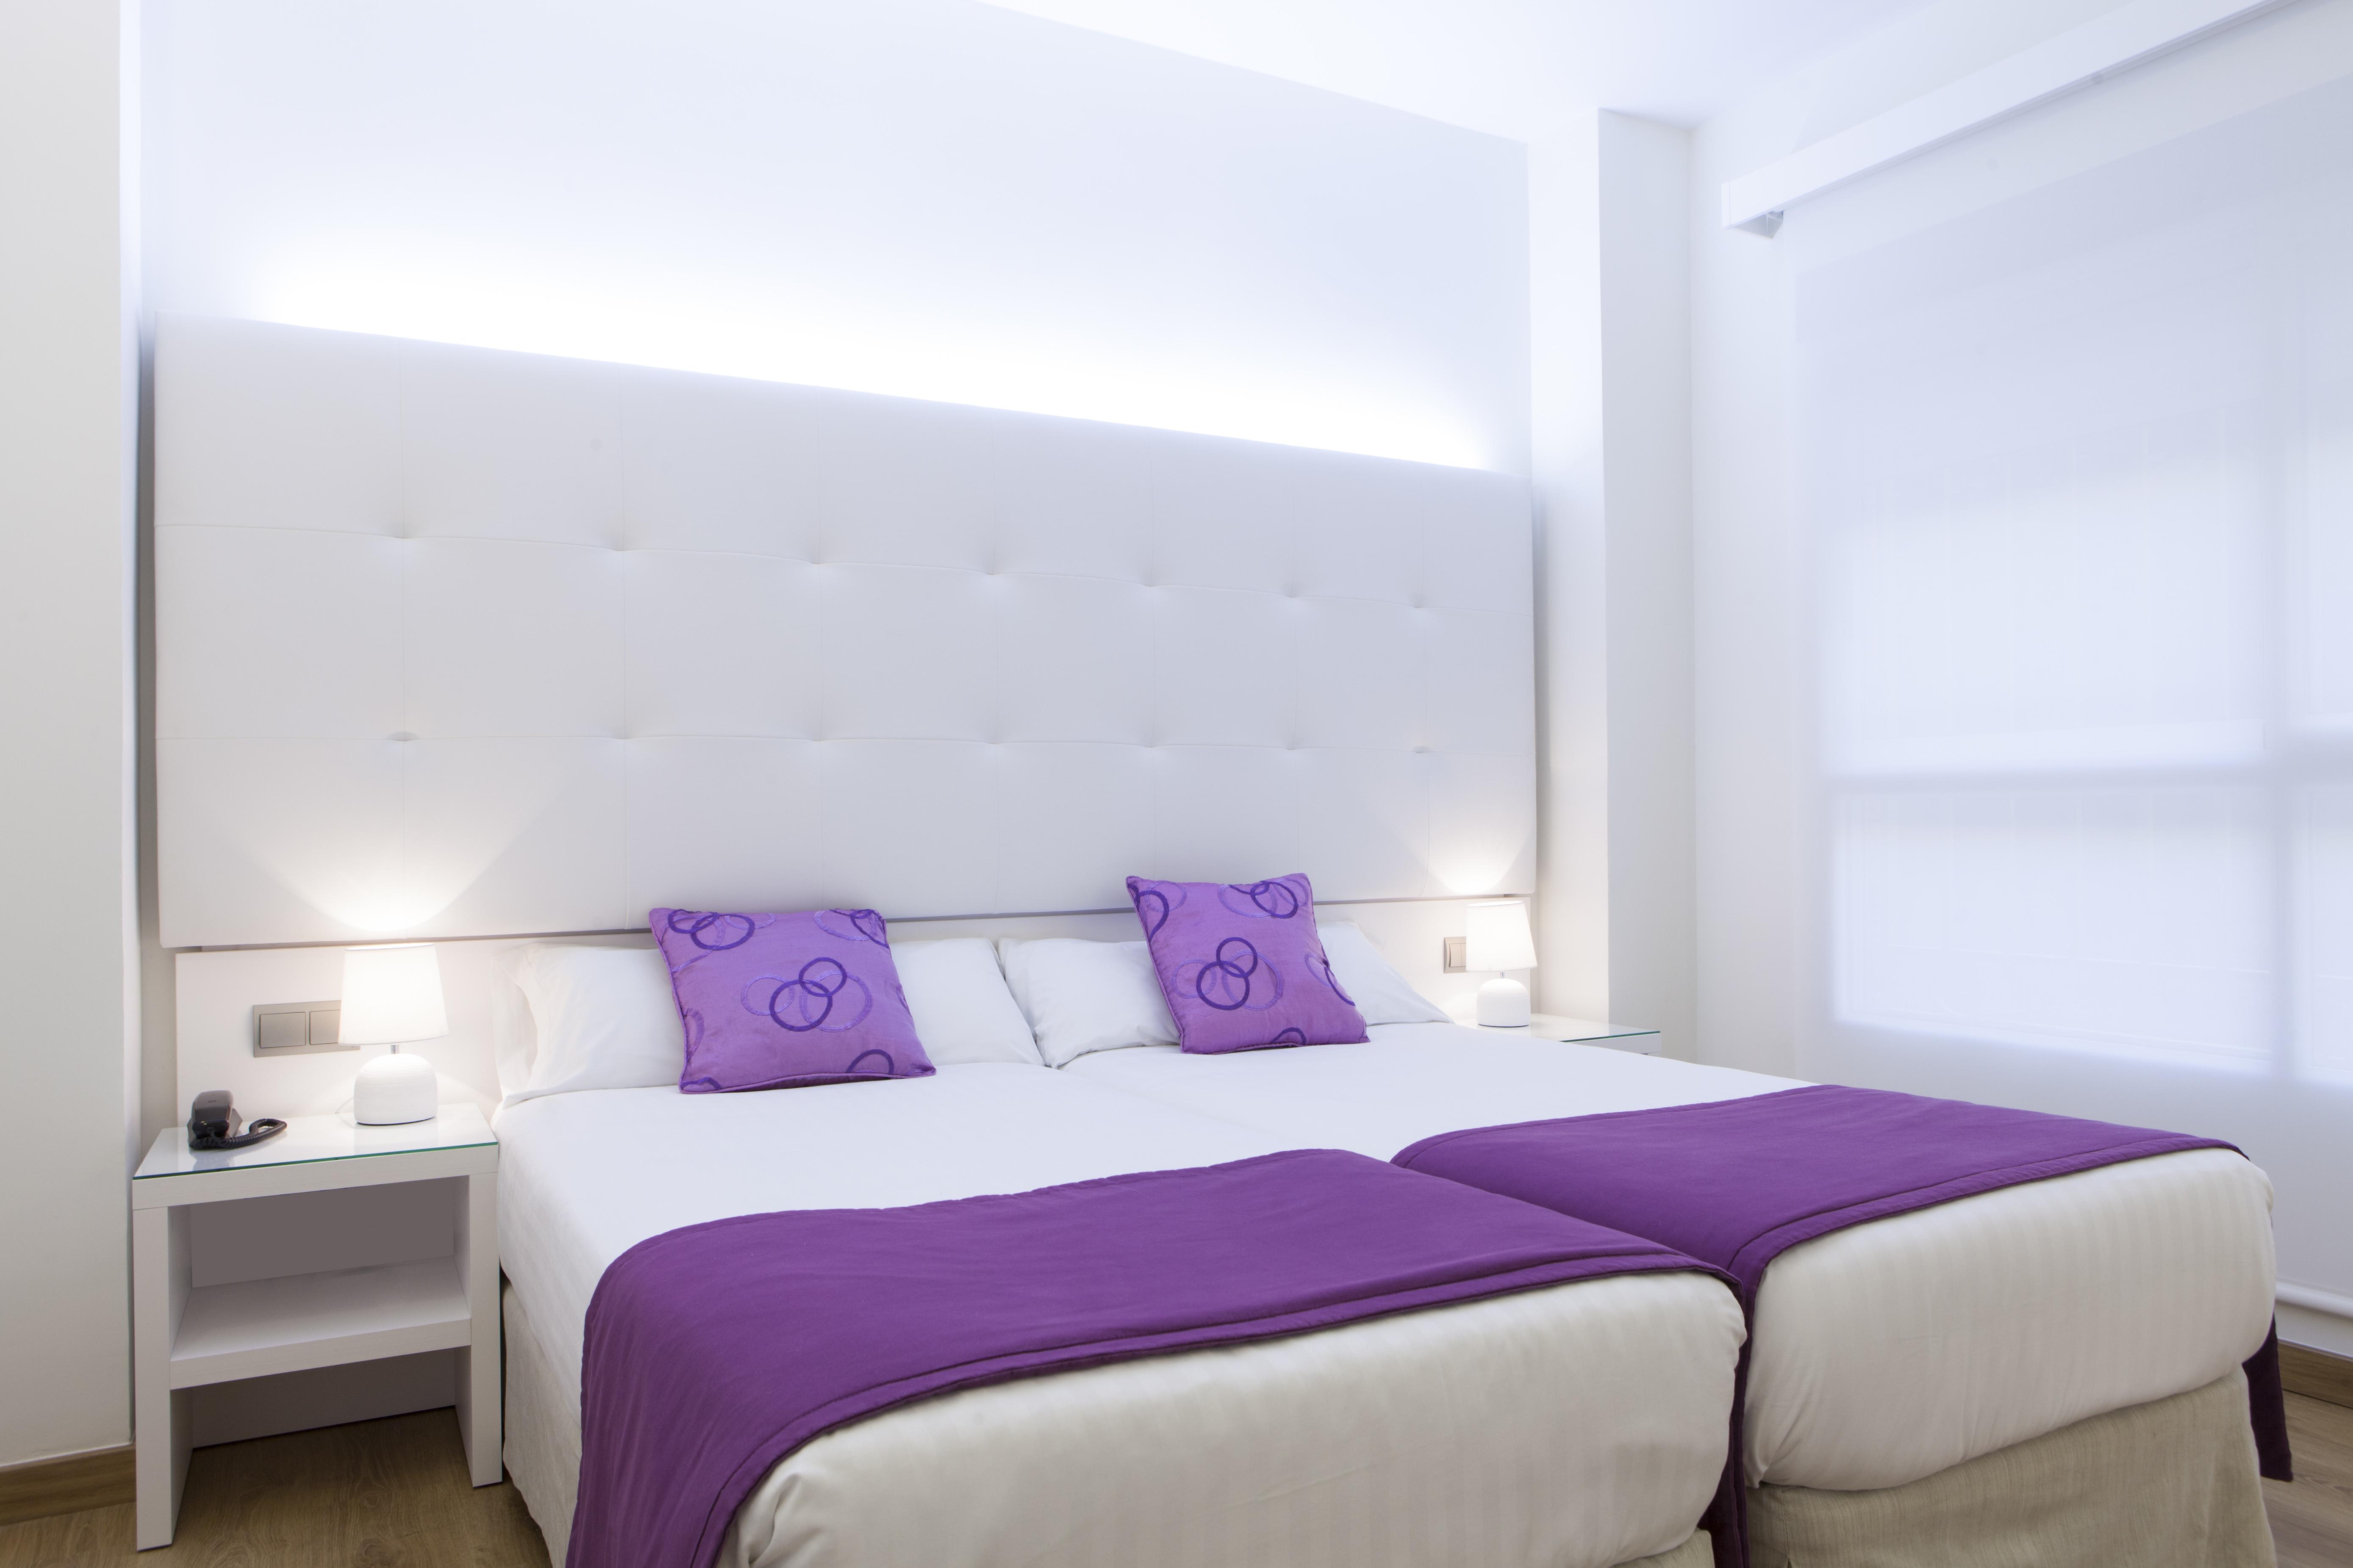 Nh Rambla De Alicante Hotel En Alicante Viajes El Corte Ingl S ~ Cambio De Banera Por Ducha En El Corte Ingles